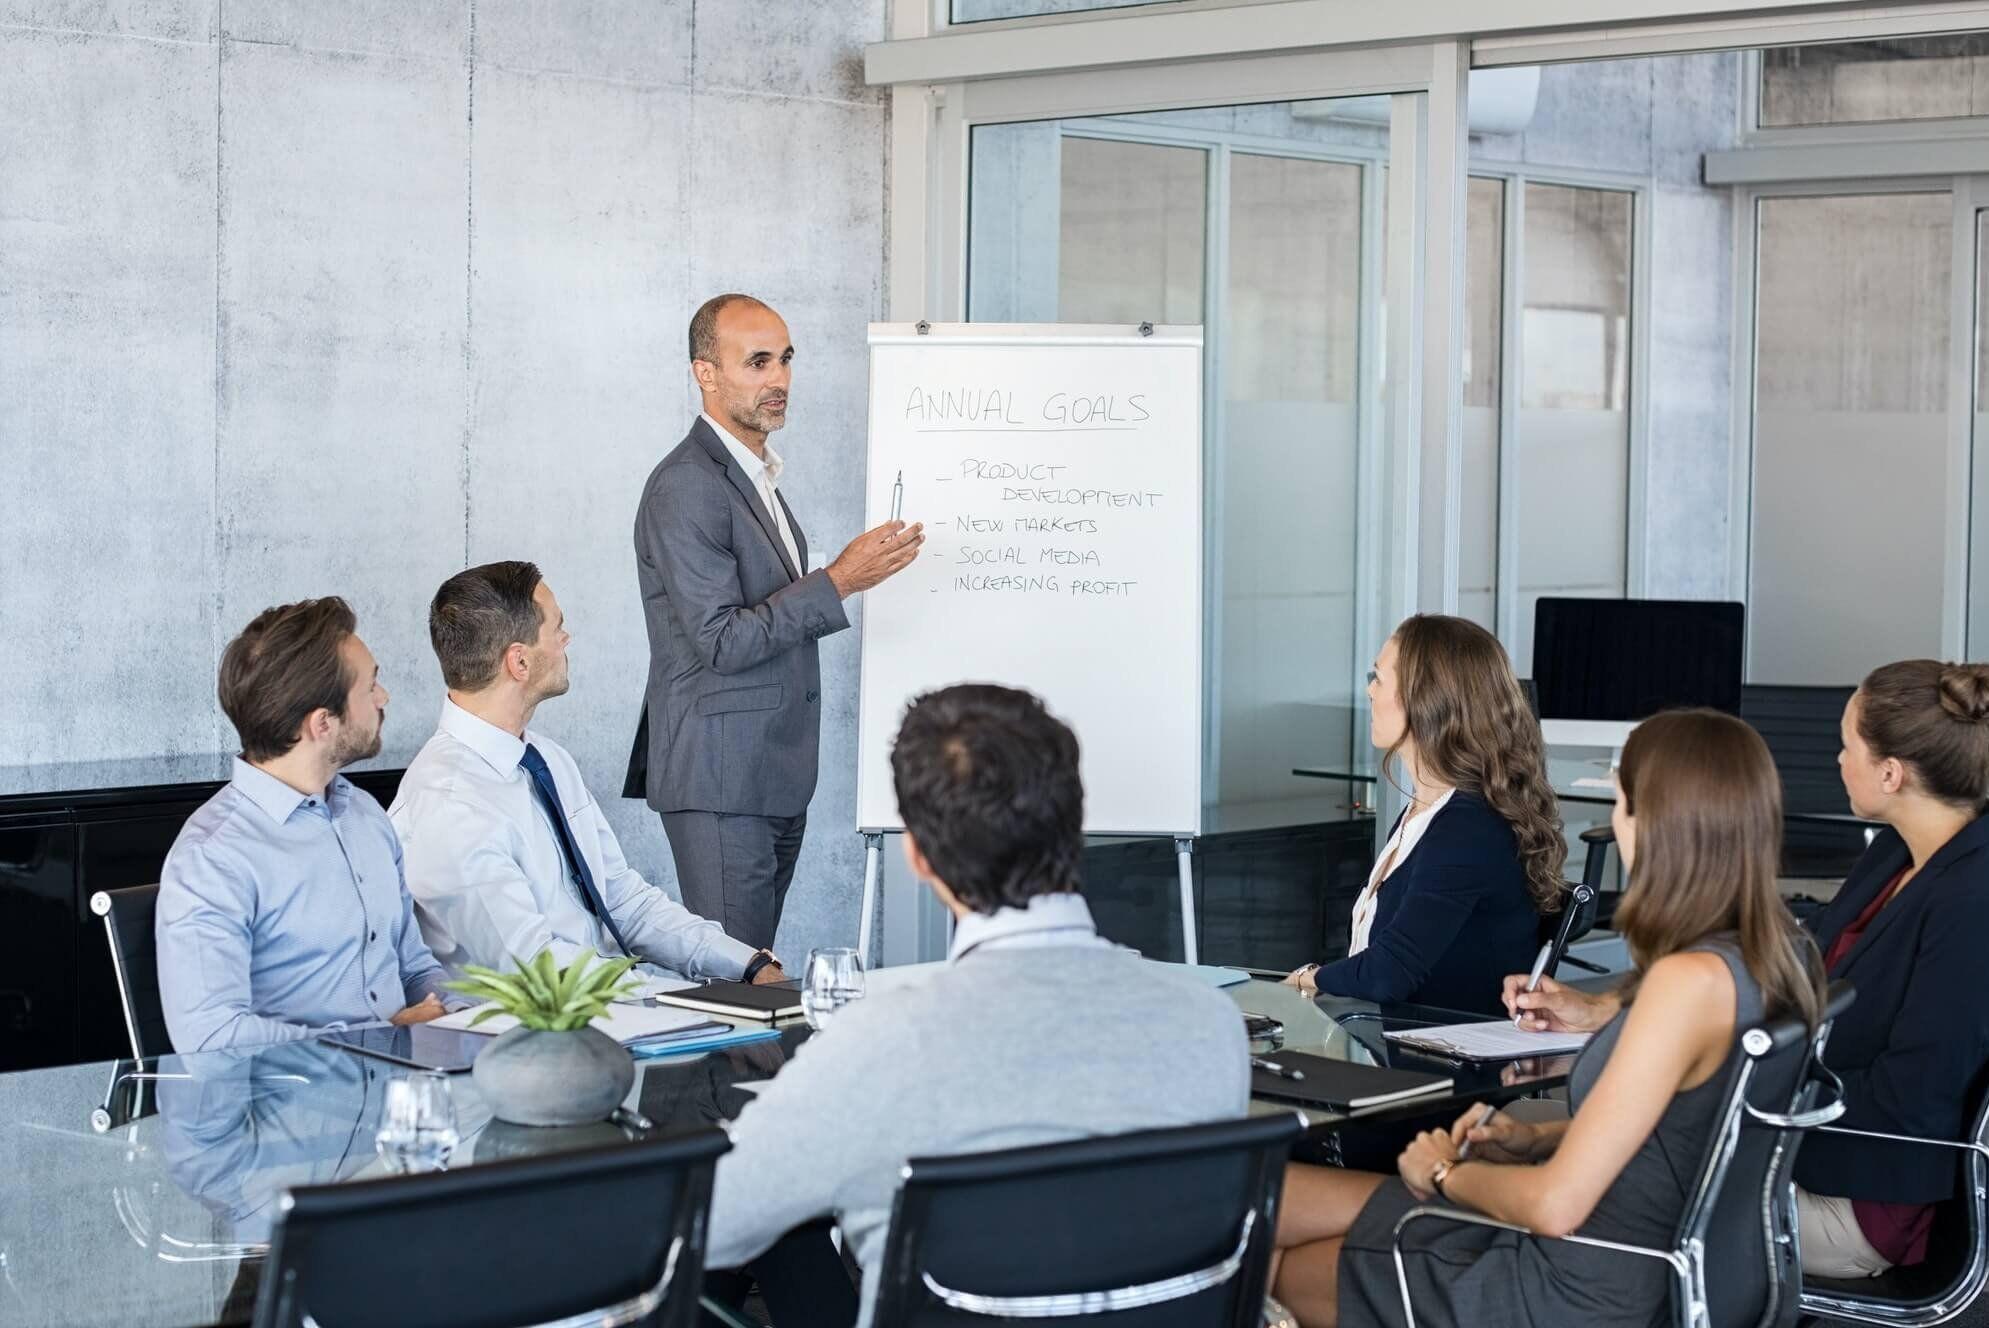 Leader briefing business people